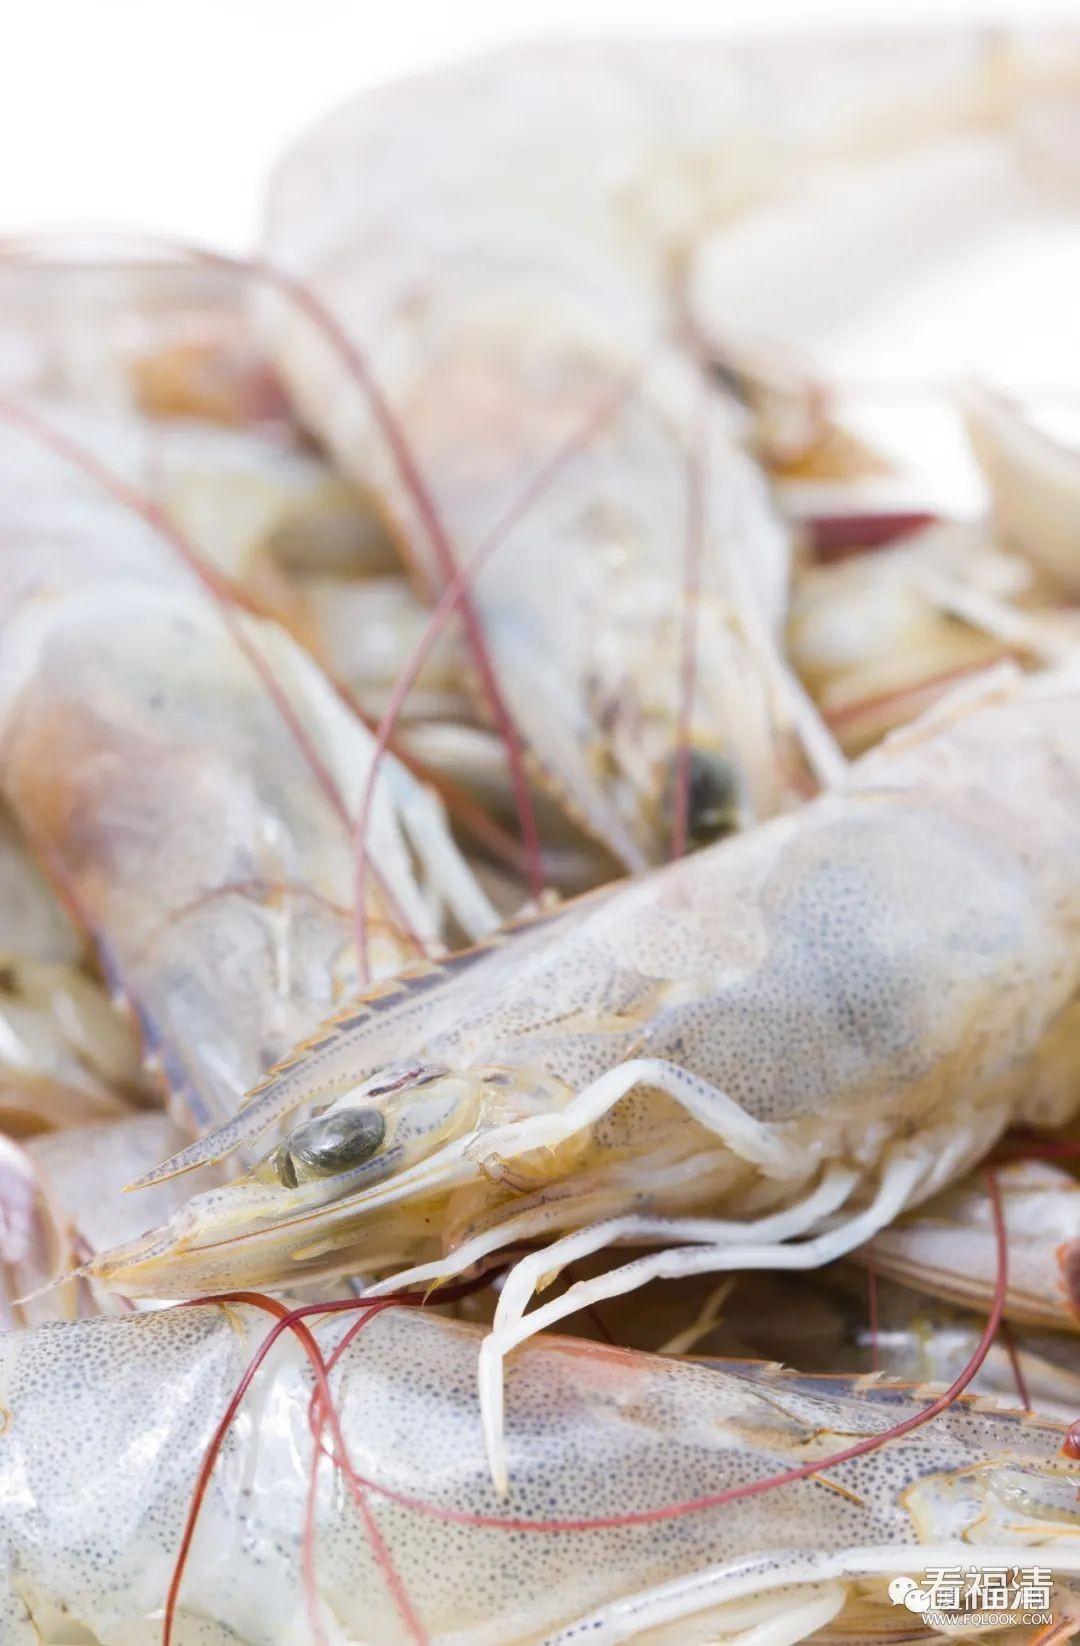 紧急提醒!厦门海关从进口冻虾外包装检出新冠病毒!